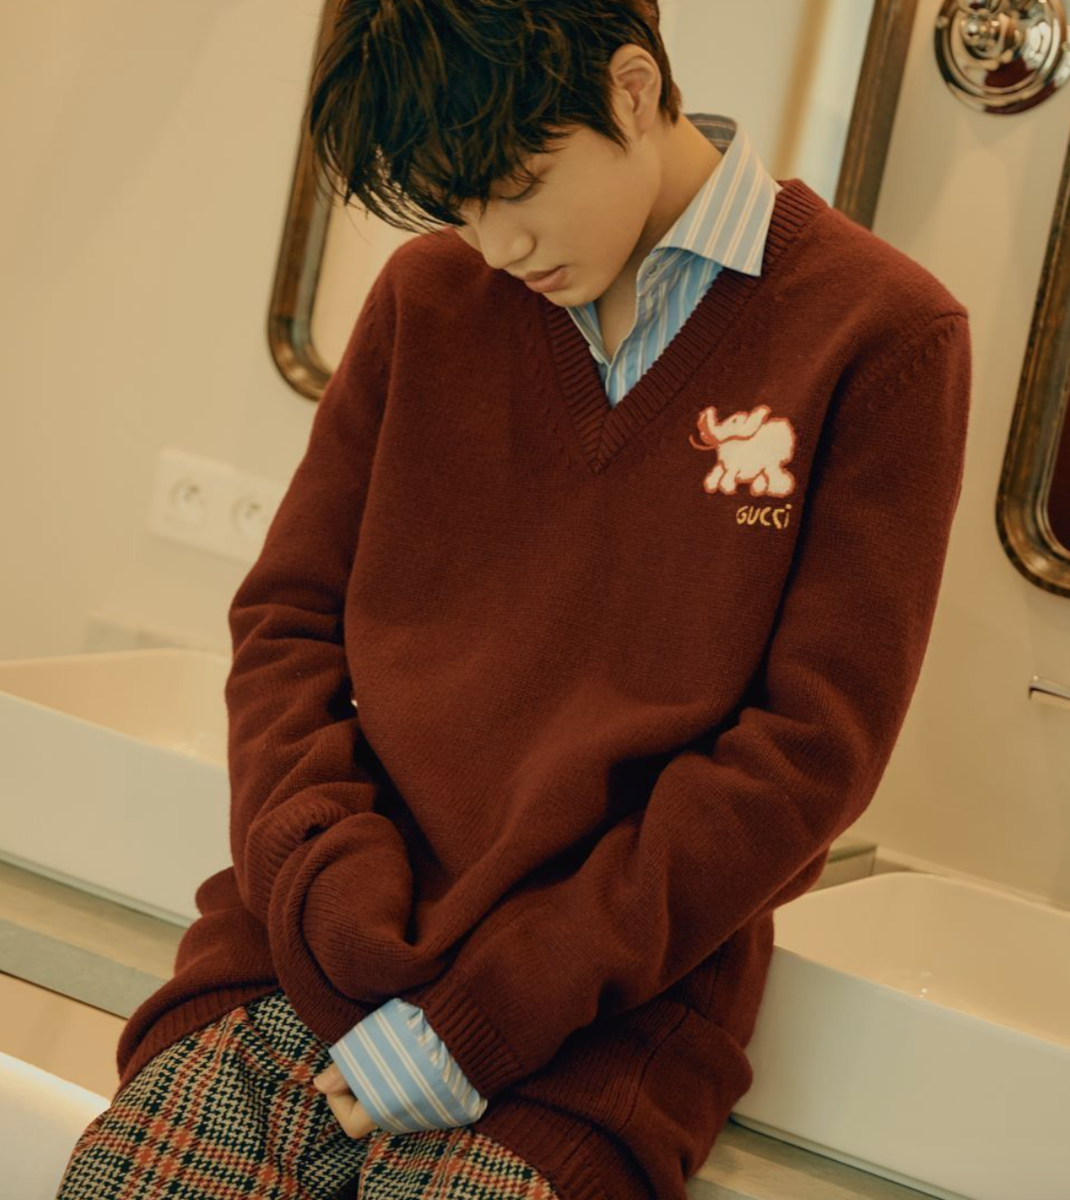 f:id:yofukashi_chocolate:20190503113720p:plain